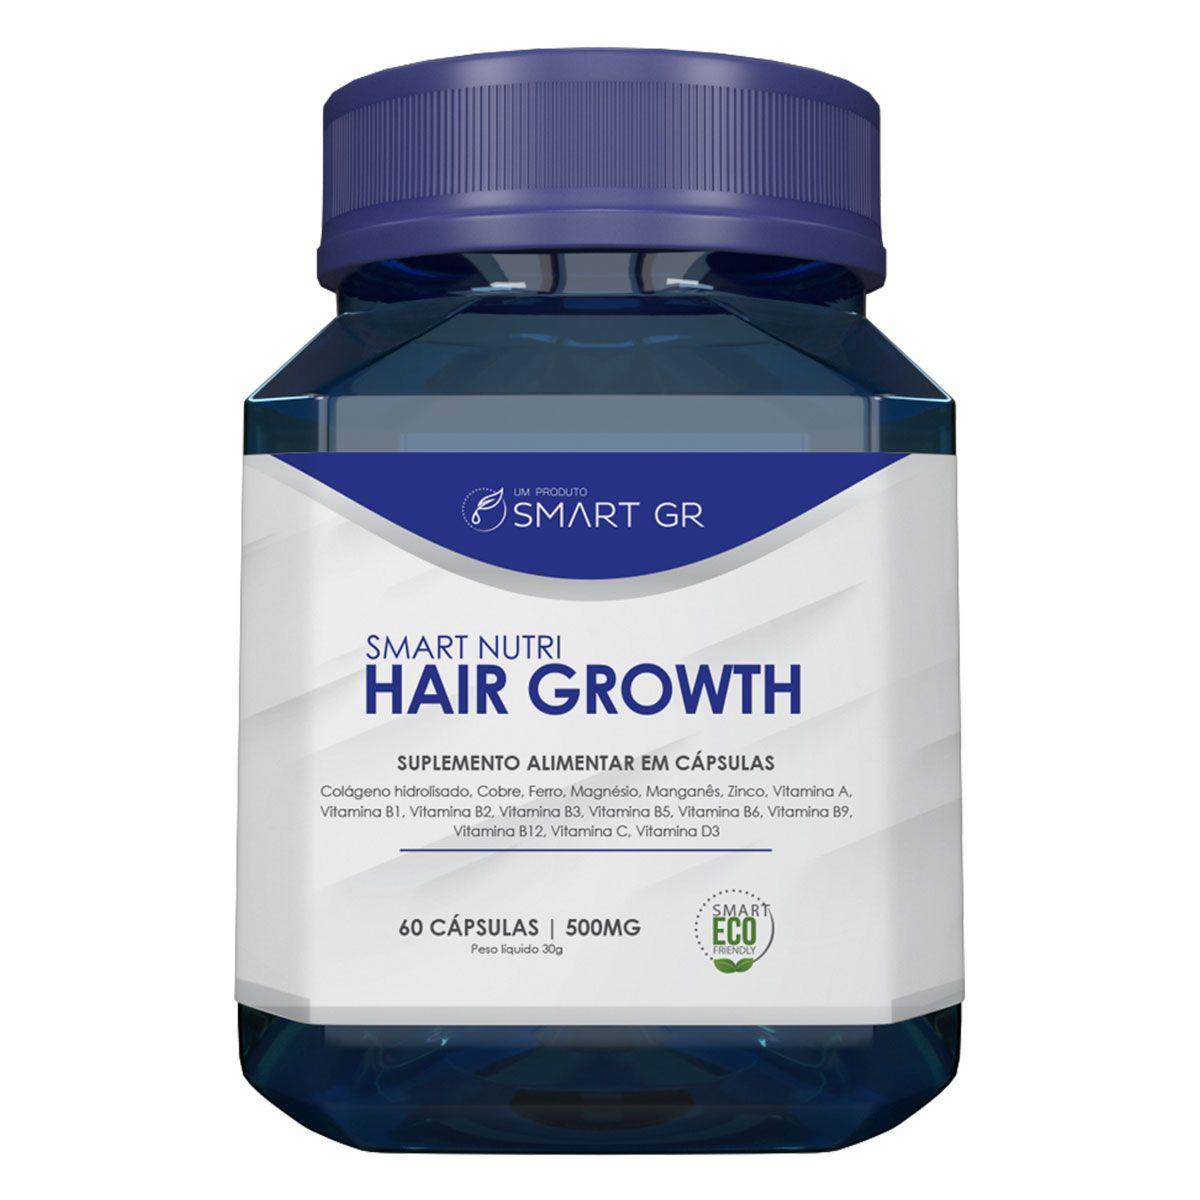 SMART NUTRI HAIR GROWTH - SUPLEMENTO ALIMENTAR EM CAPSULAS - CRESCIMENTO CAPILAR